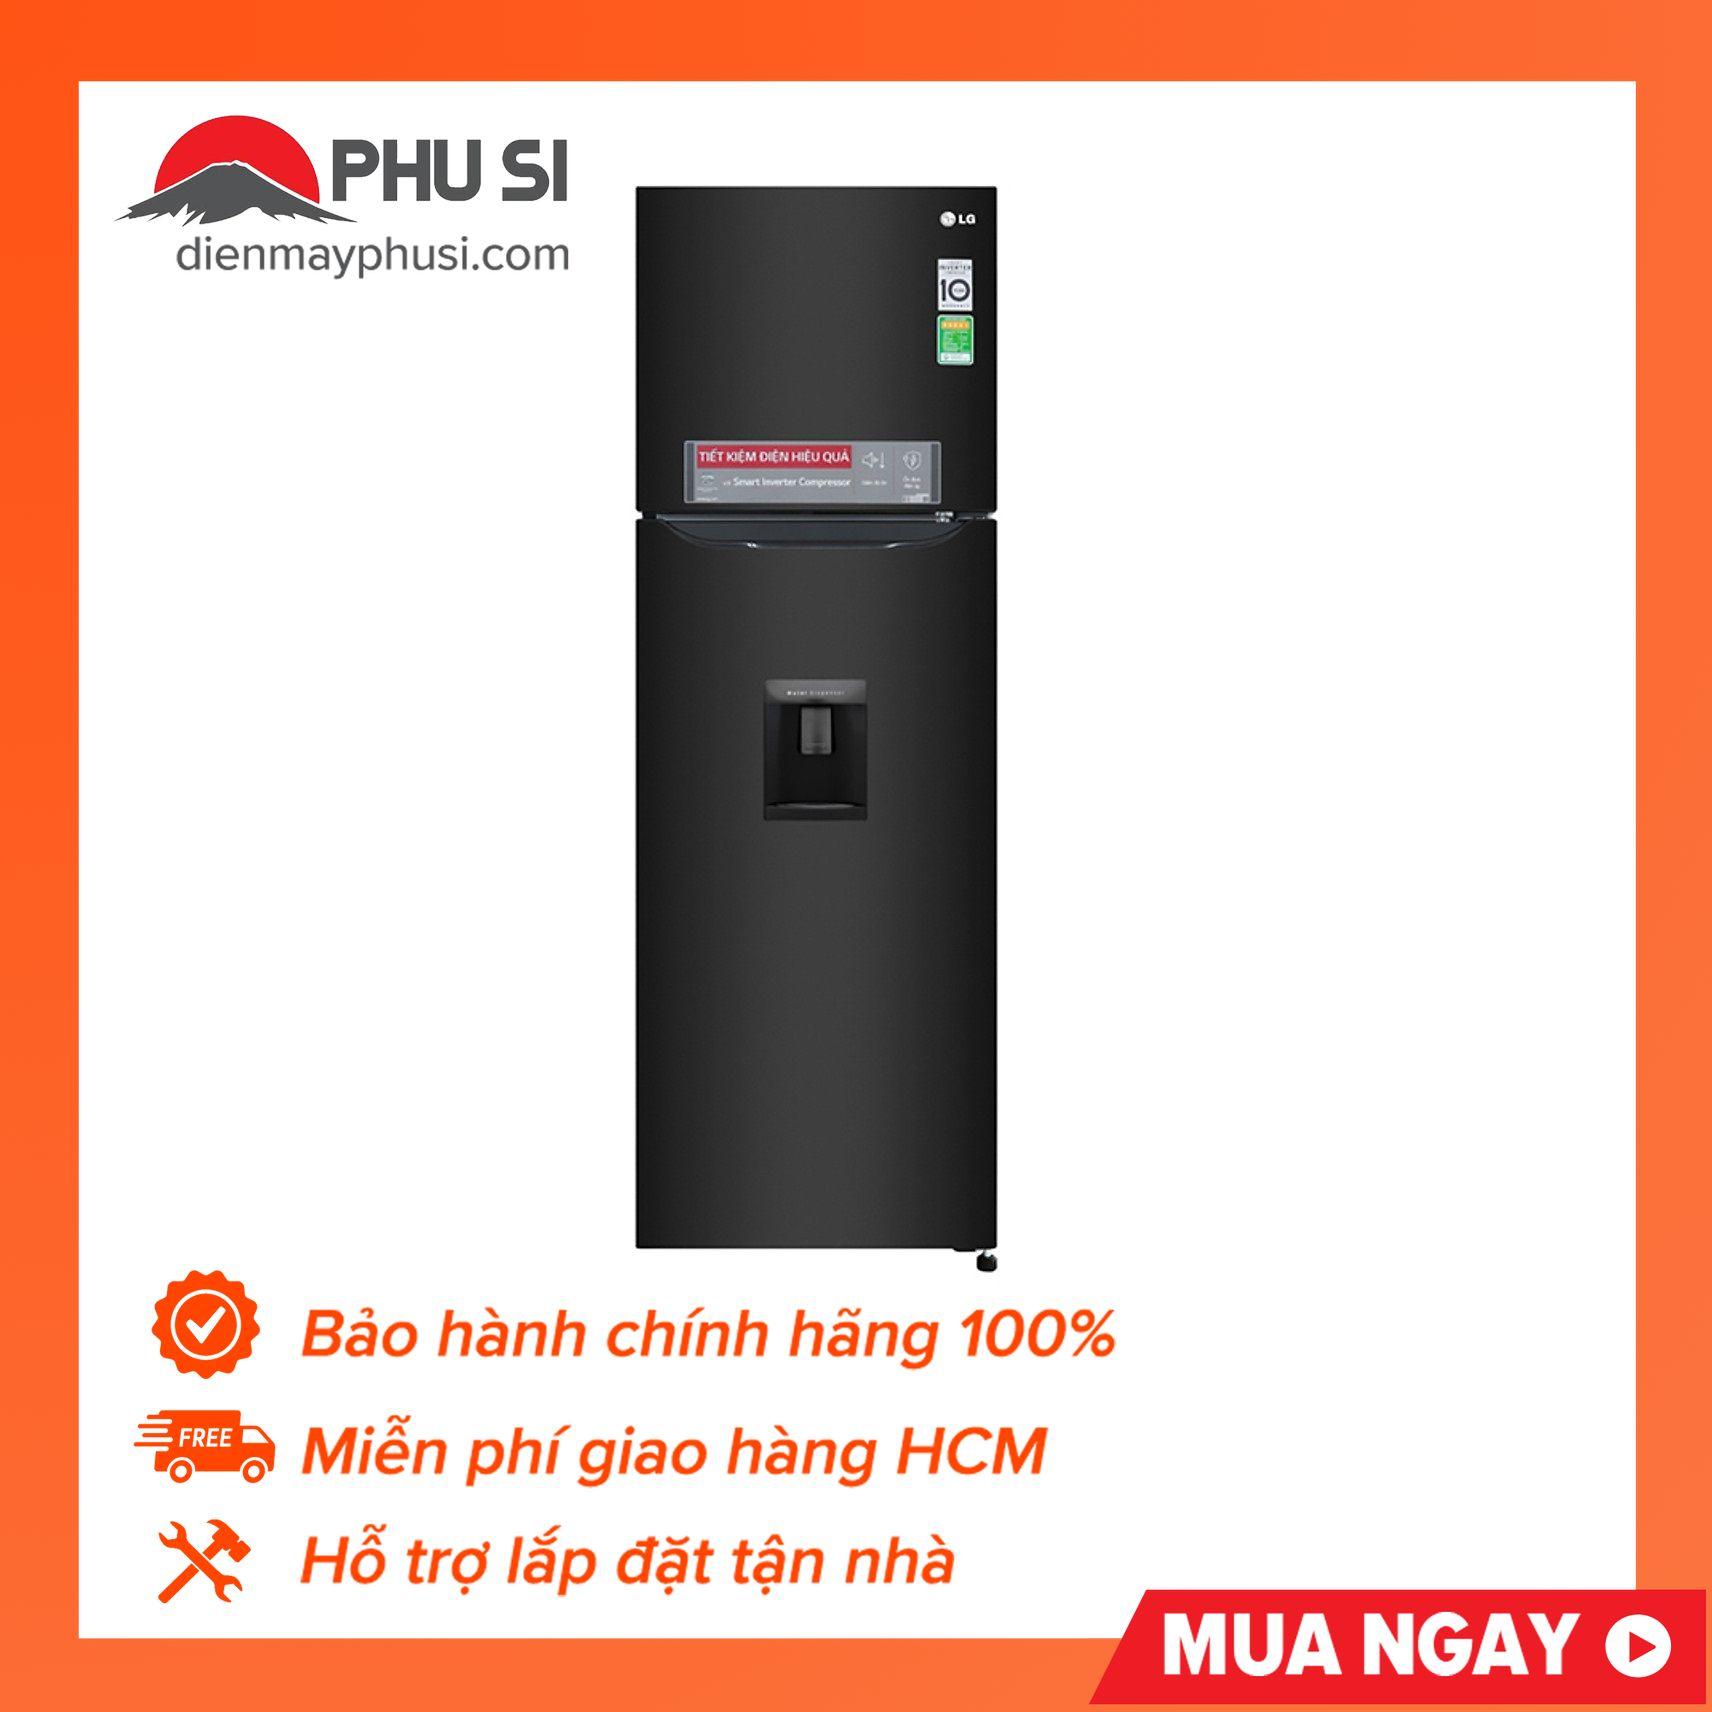 Tủ lạnh LG GN-D255BL, 255 lít, Inverter